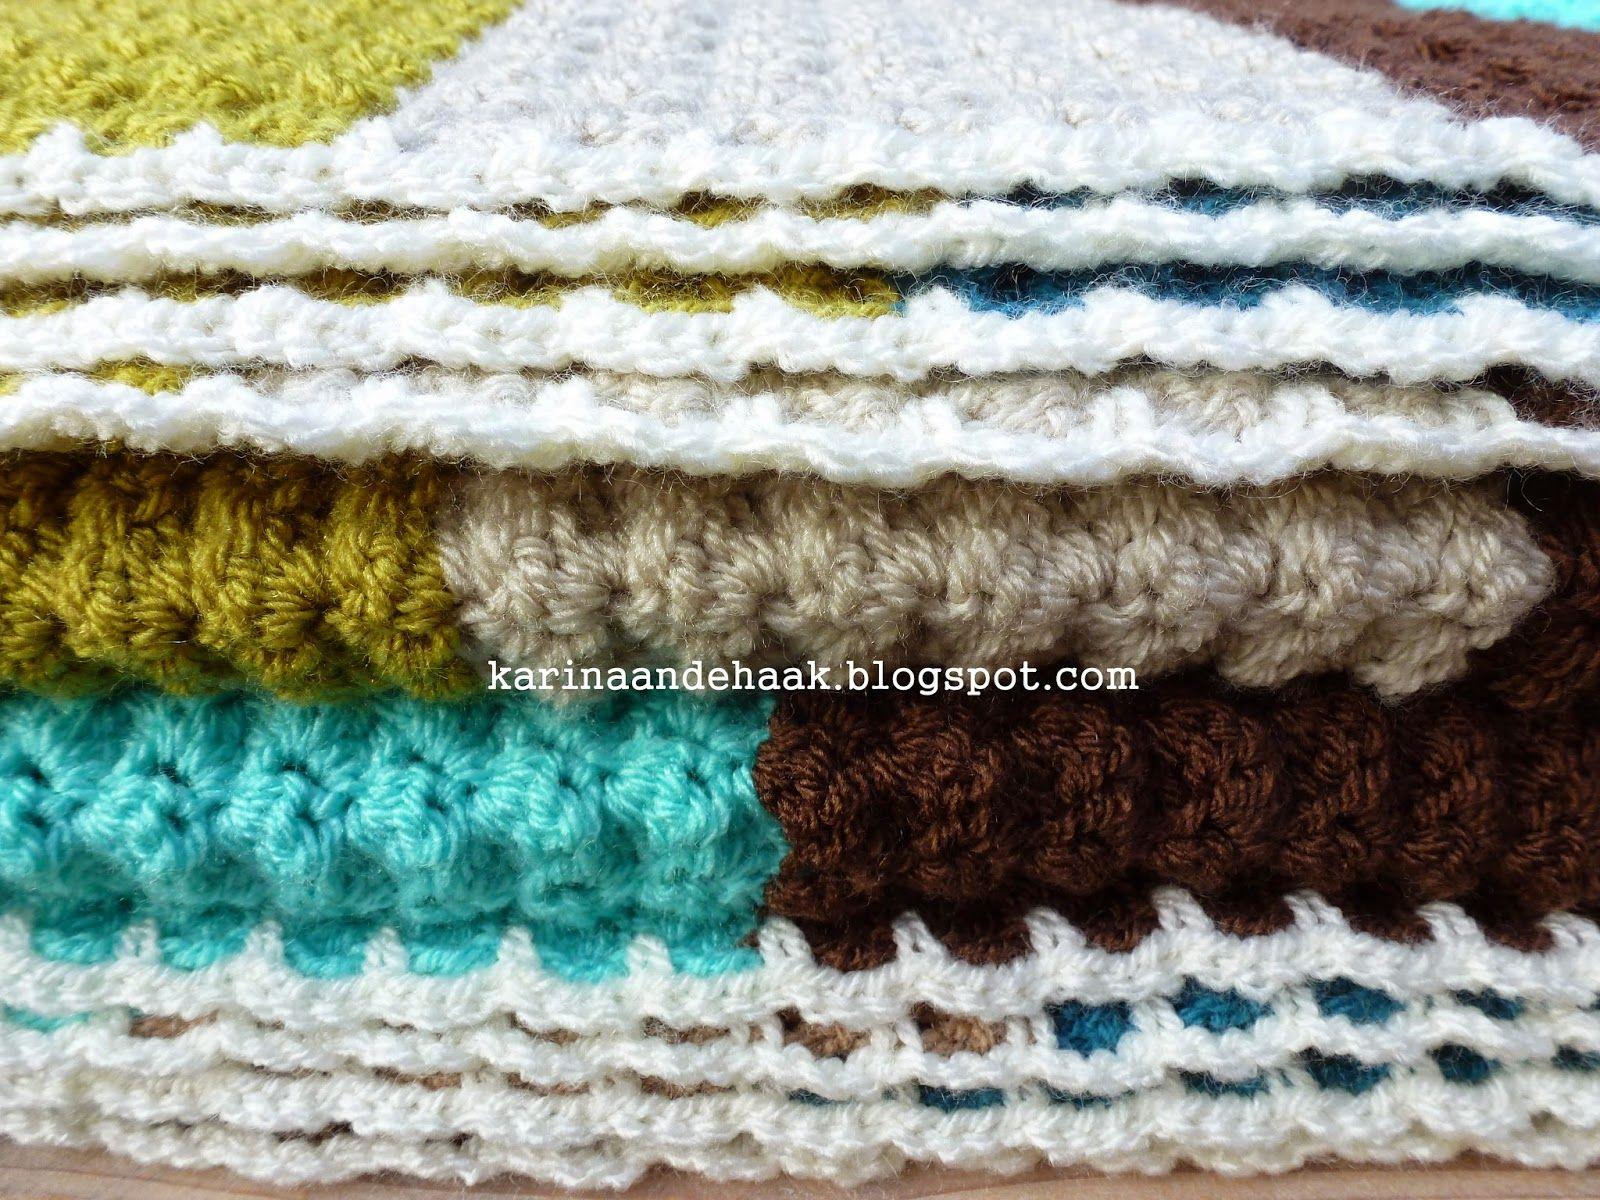 Karin Aan De Haak Dikke Gehaakte Retro Deken Met Patroon Crochet